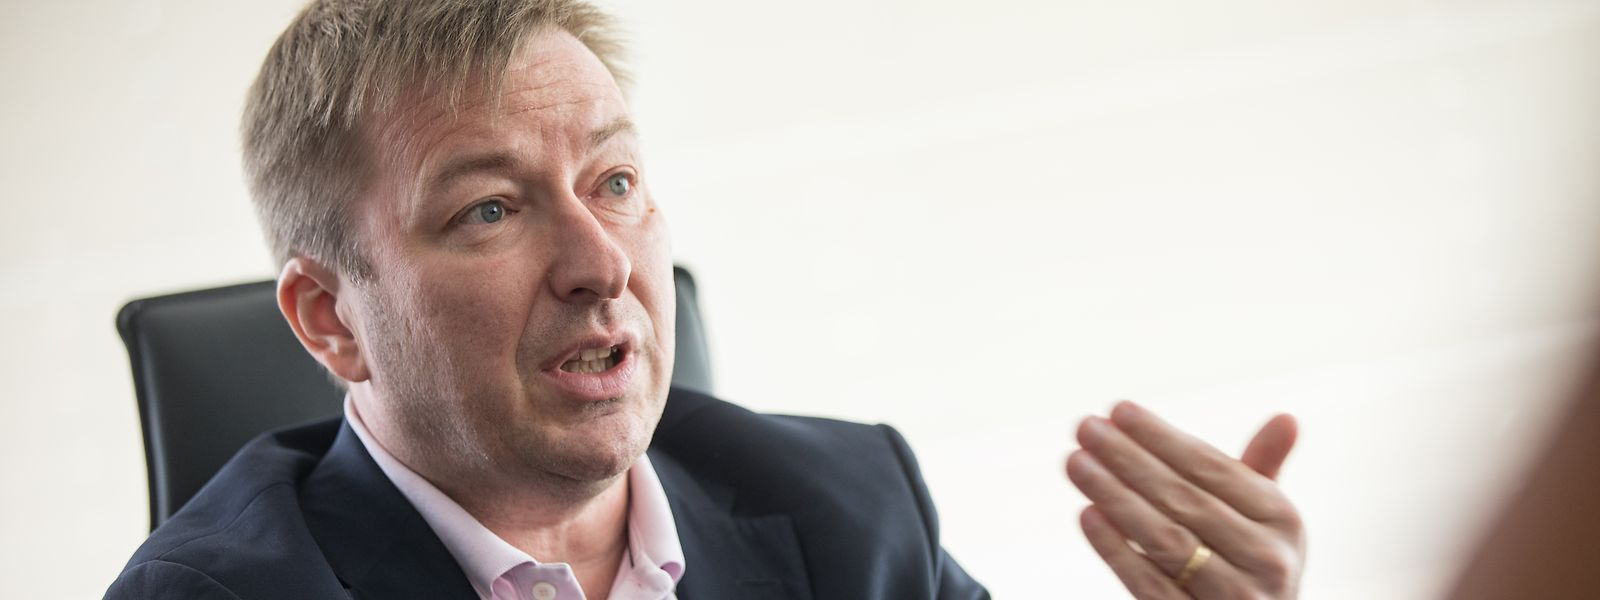 """Eine Schonfrist war ihm als Minister für den öffentlichen Dienst nicht vergönnt, die ersten sechs Monate waren """"spannend"""", sagt Hansen."""